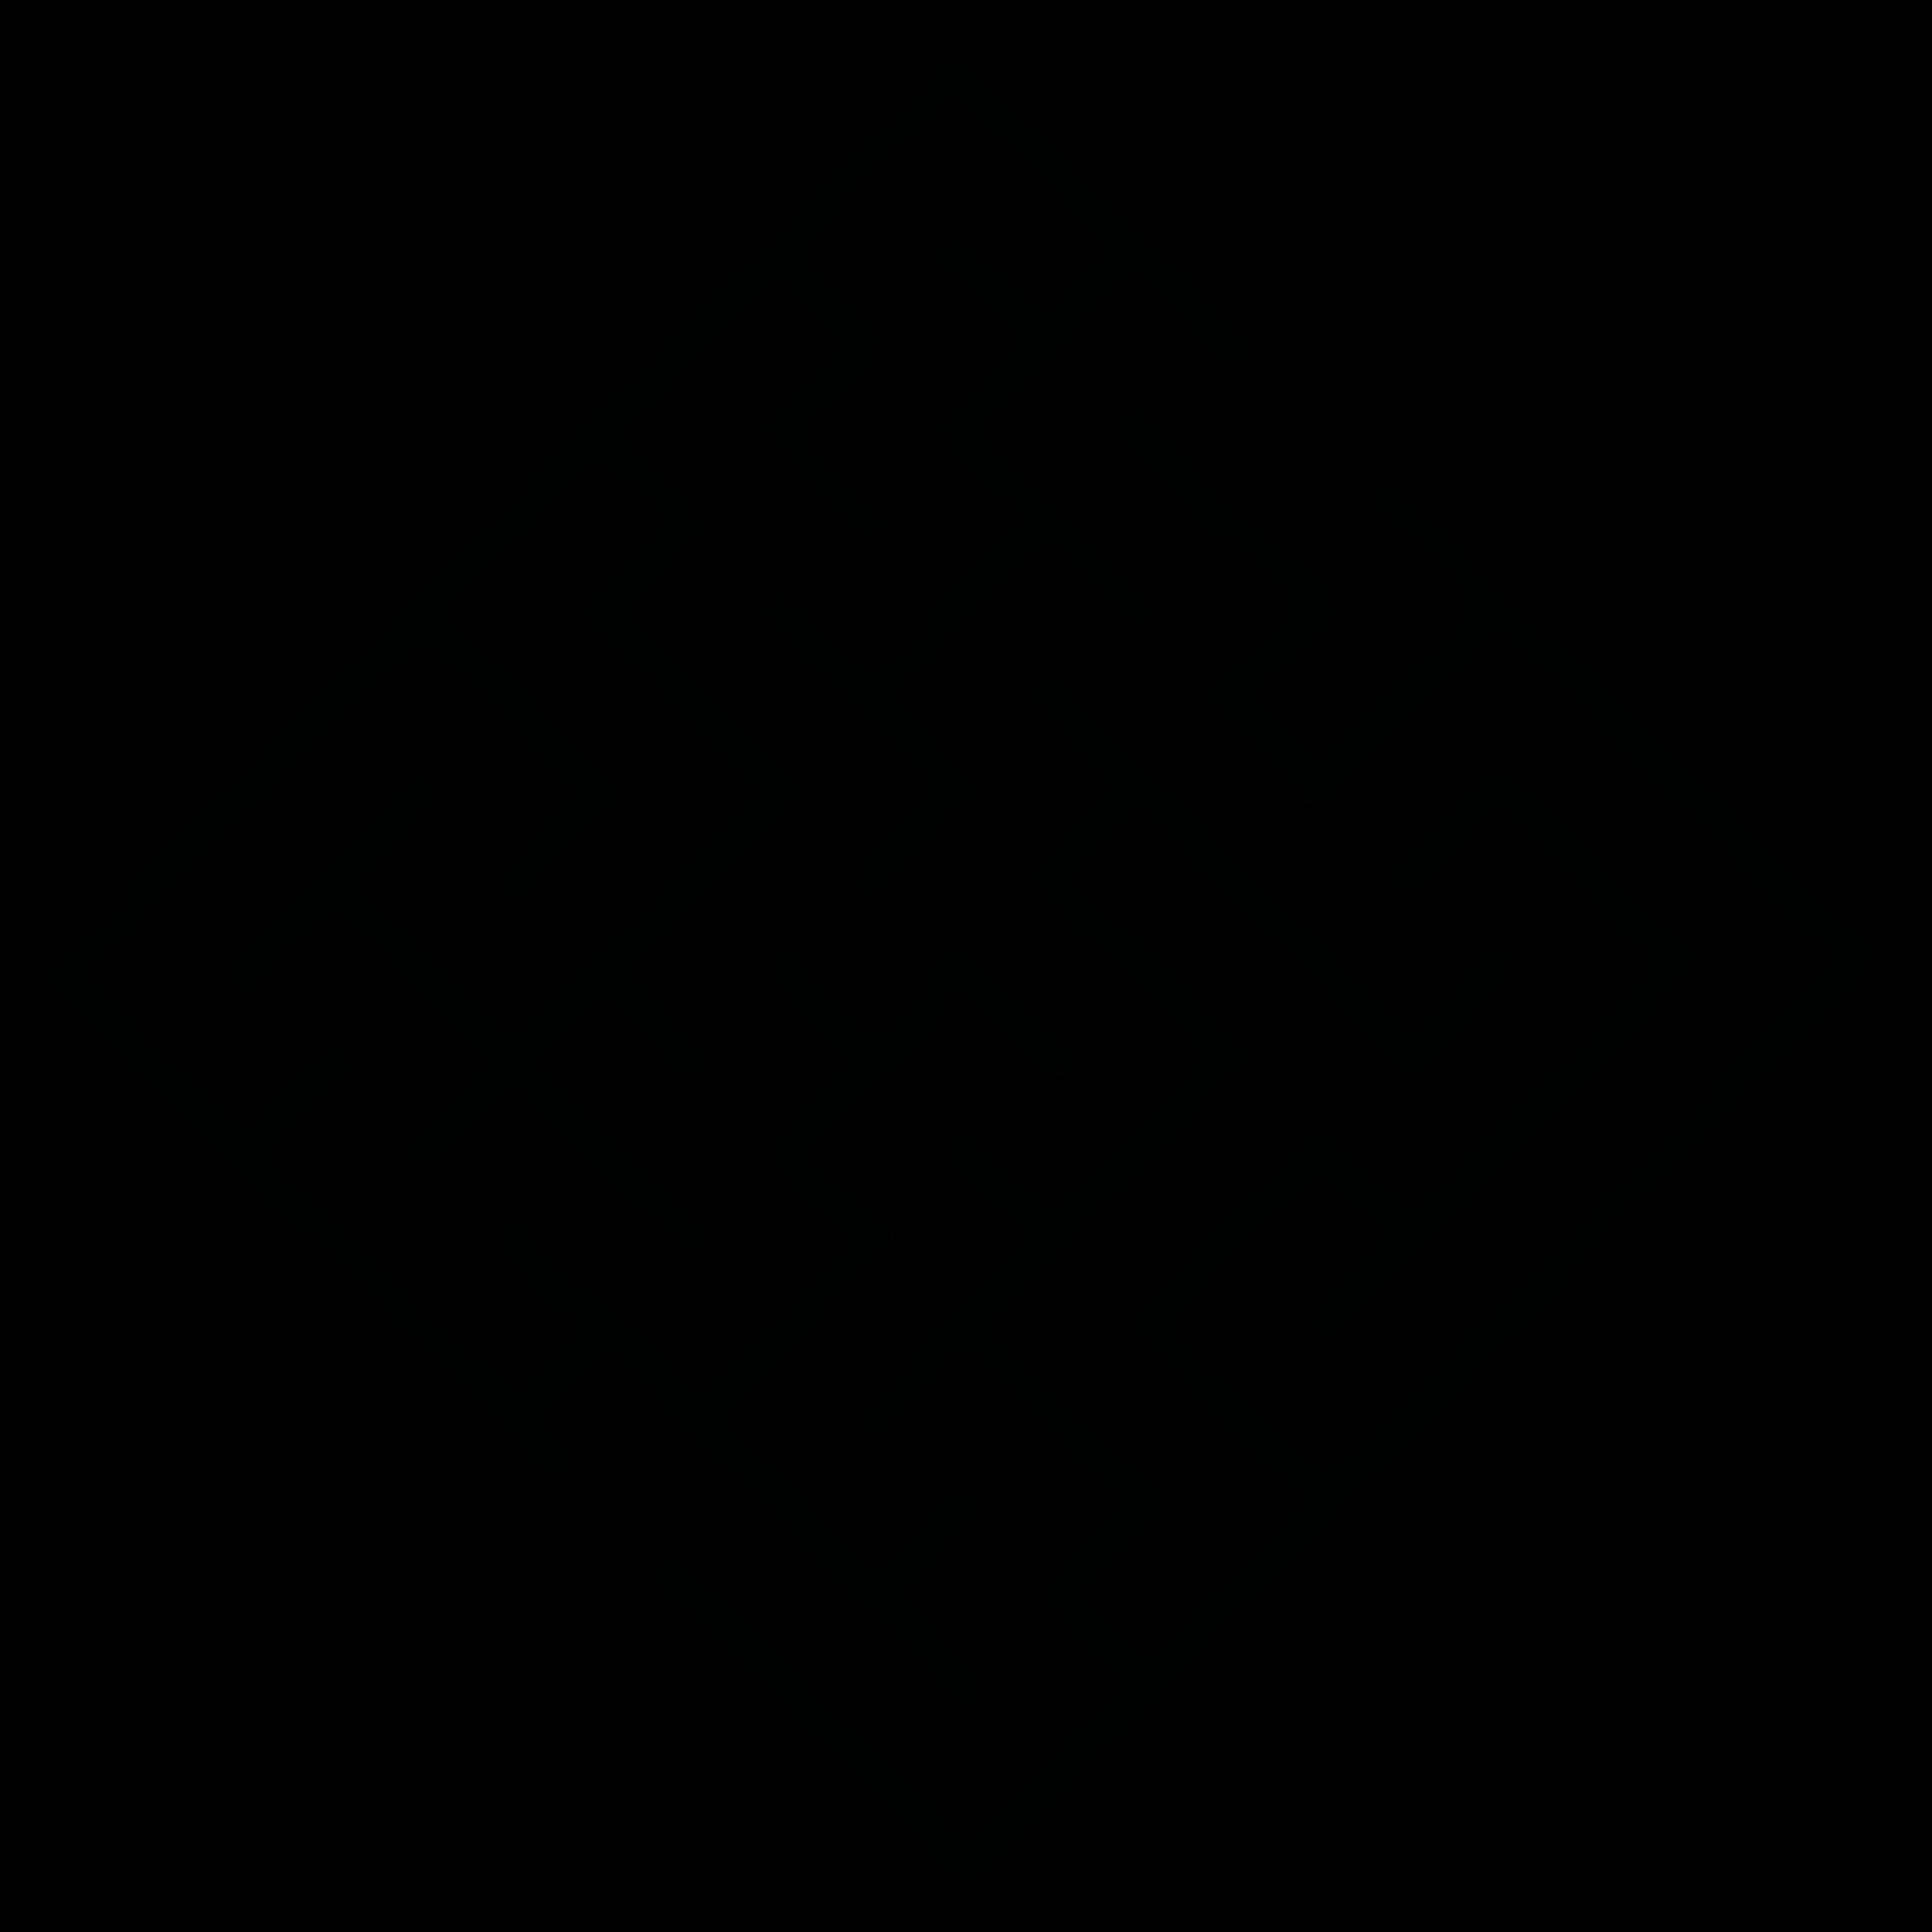 yugro-doolhof-3